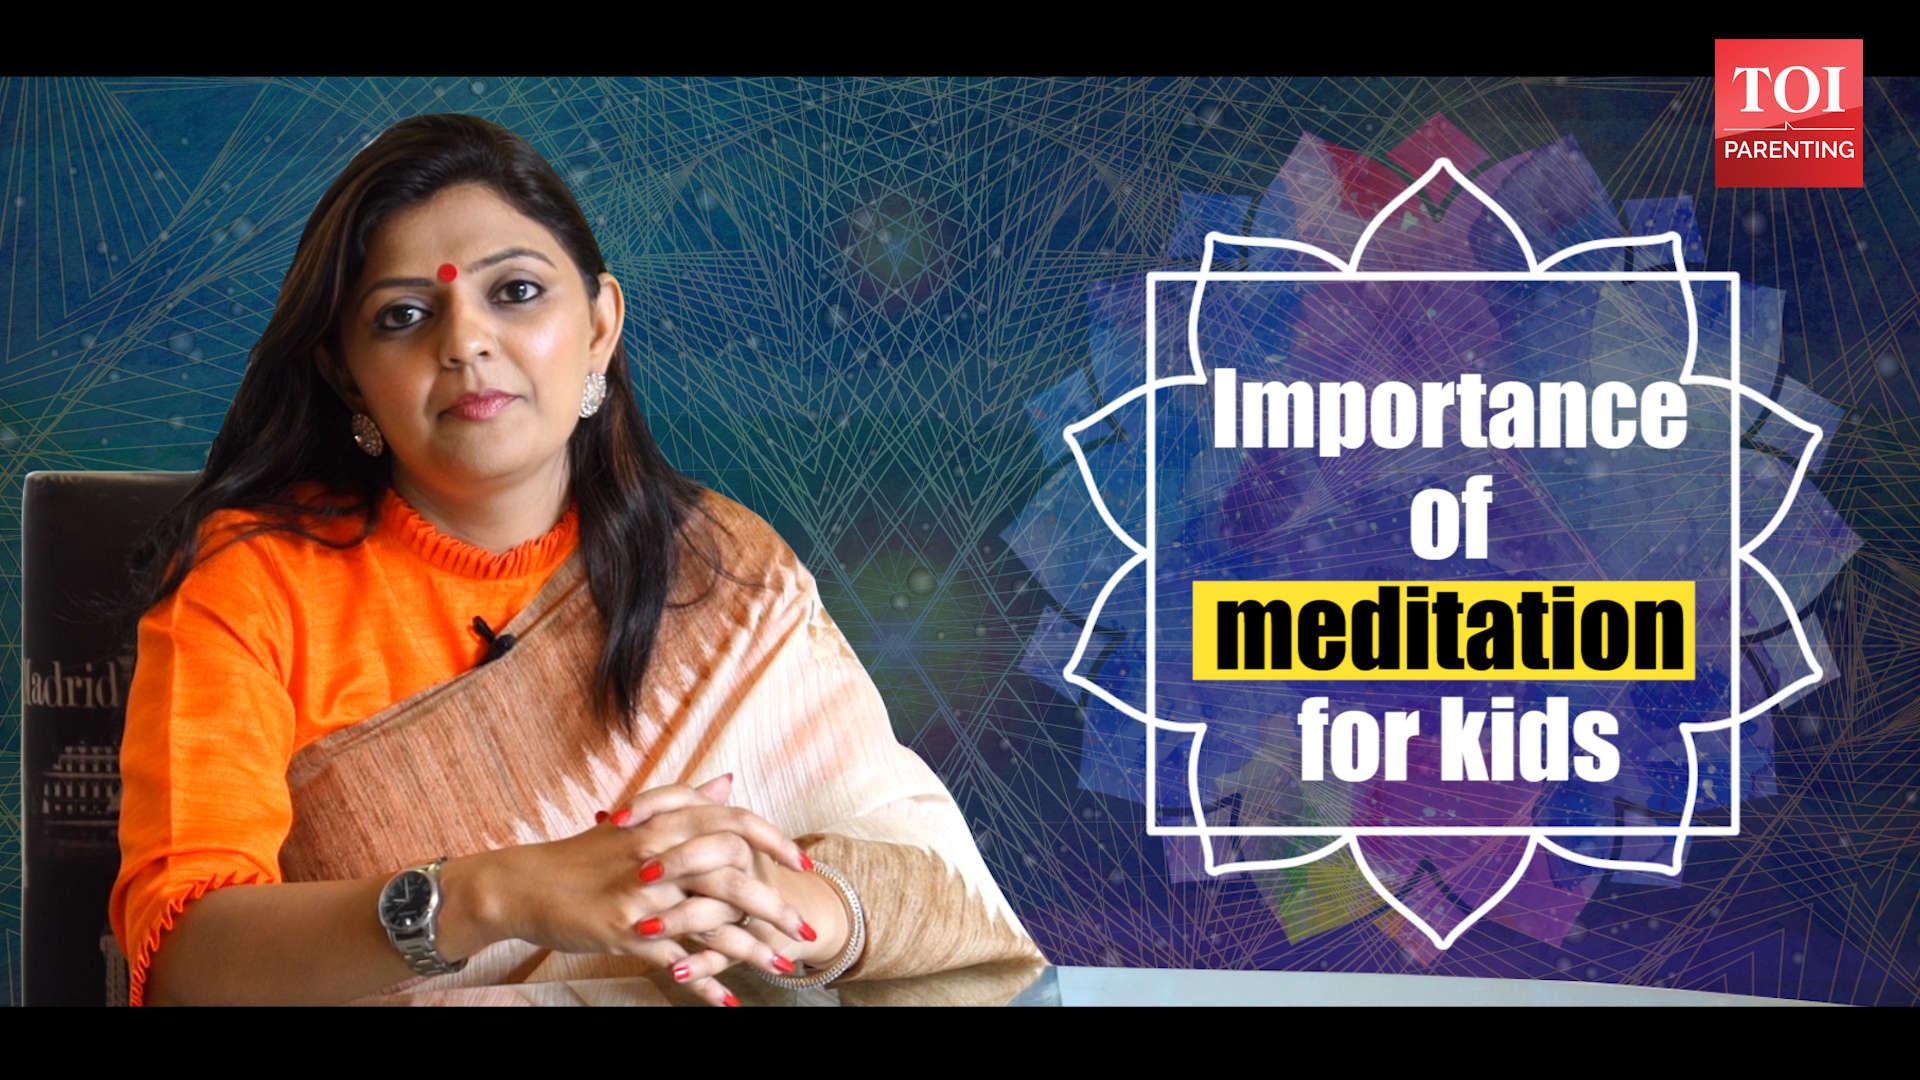 importance-of-meditation-for-kids